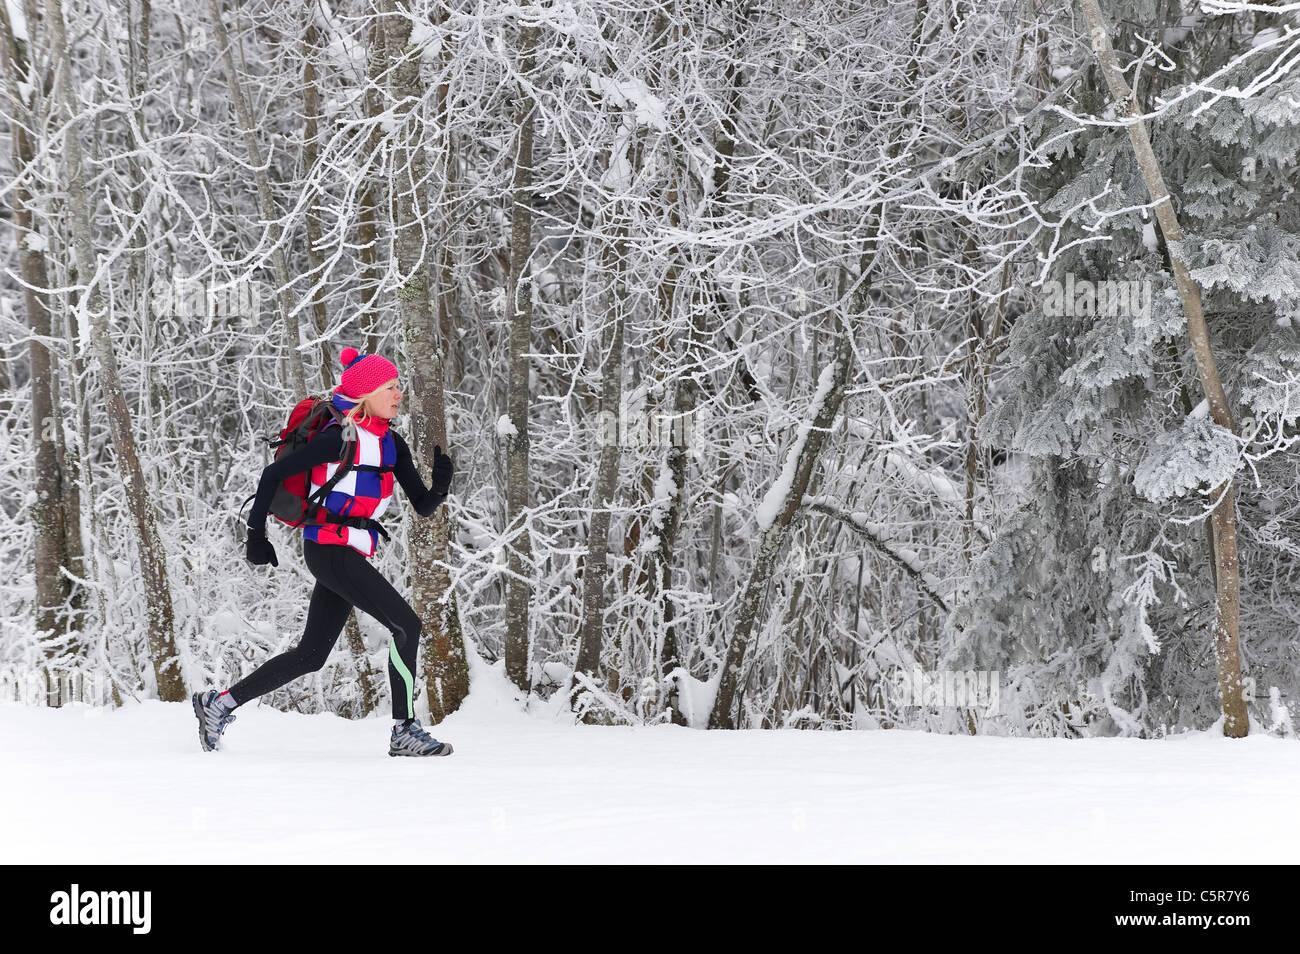 Un corredor que atraviesa un bosque de heladas. Foto de stock